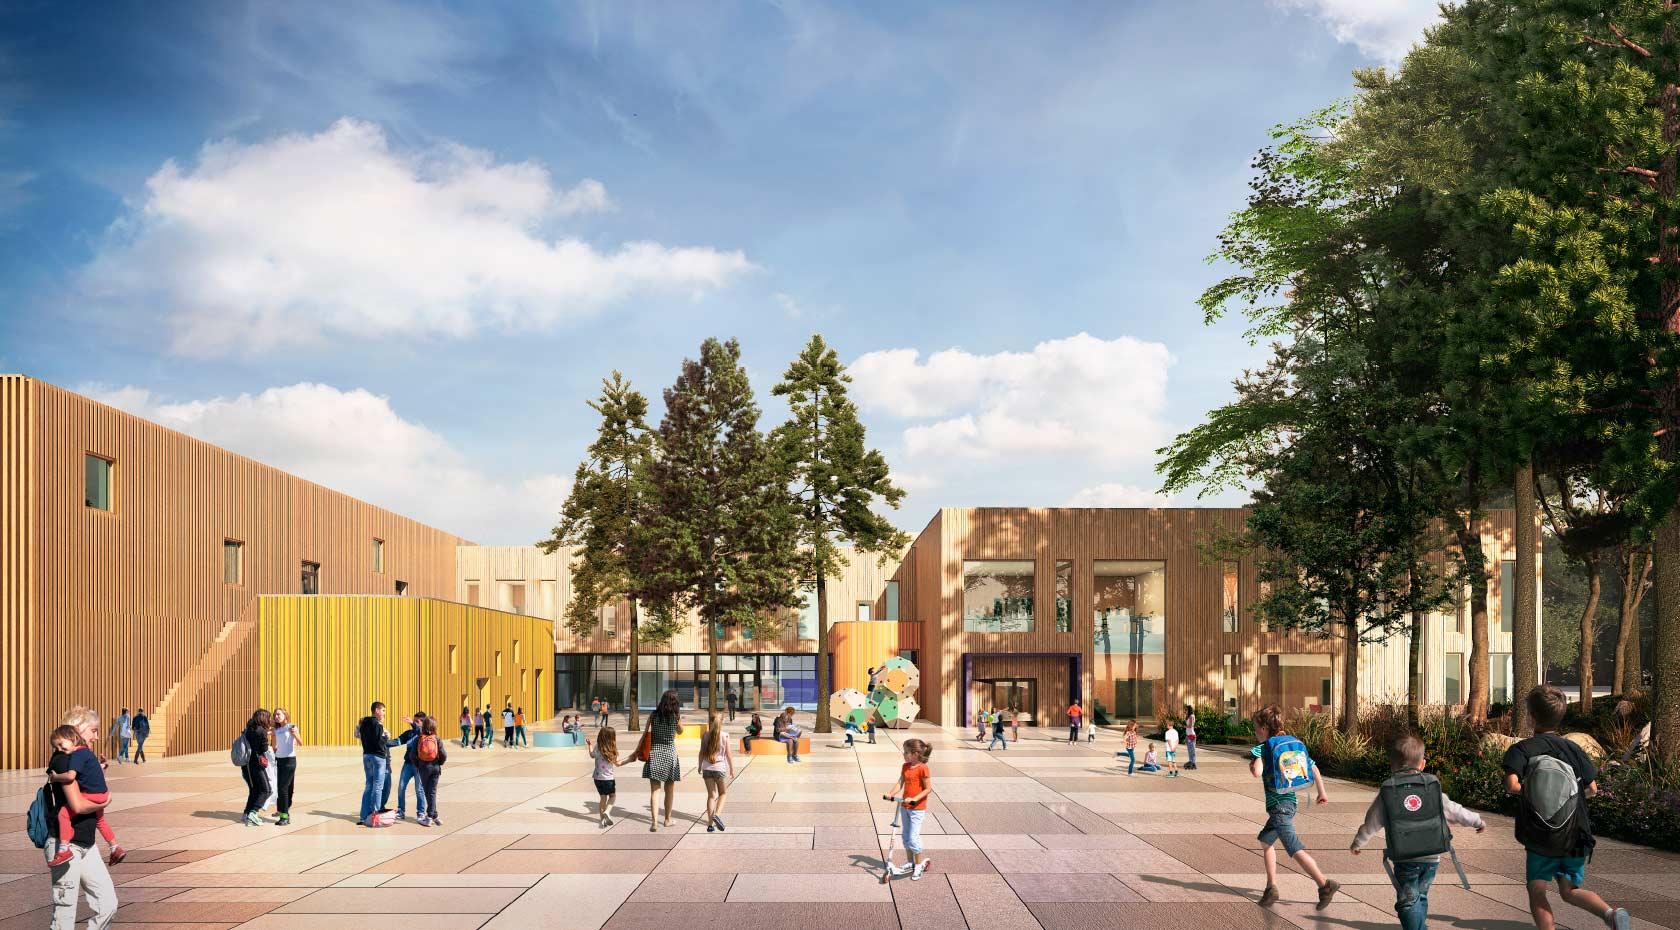 Slik tenker arkitektene at inngangspartiet til den nye skolen blir seende ut. Illustrasjon: SPINN Arkitekter